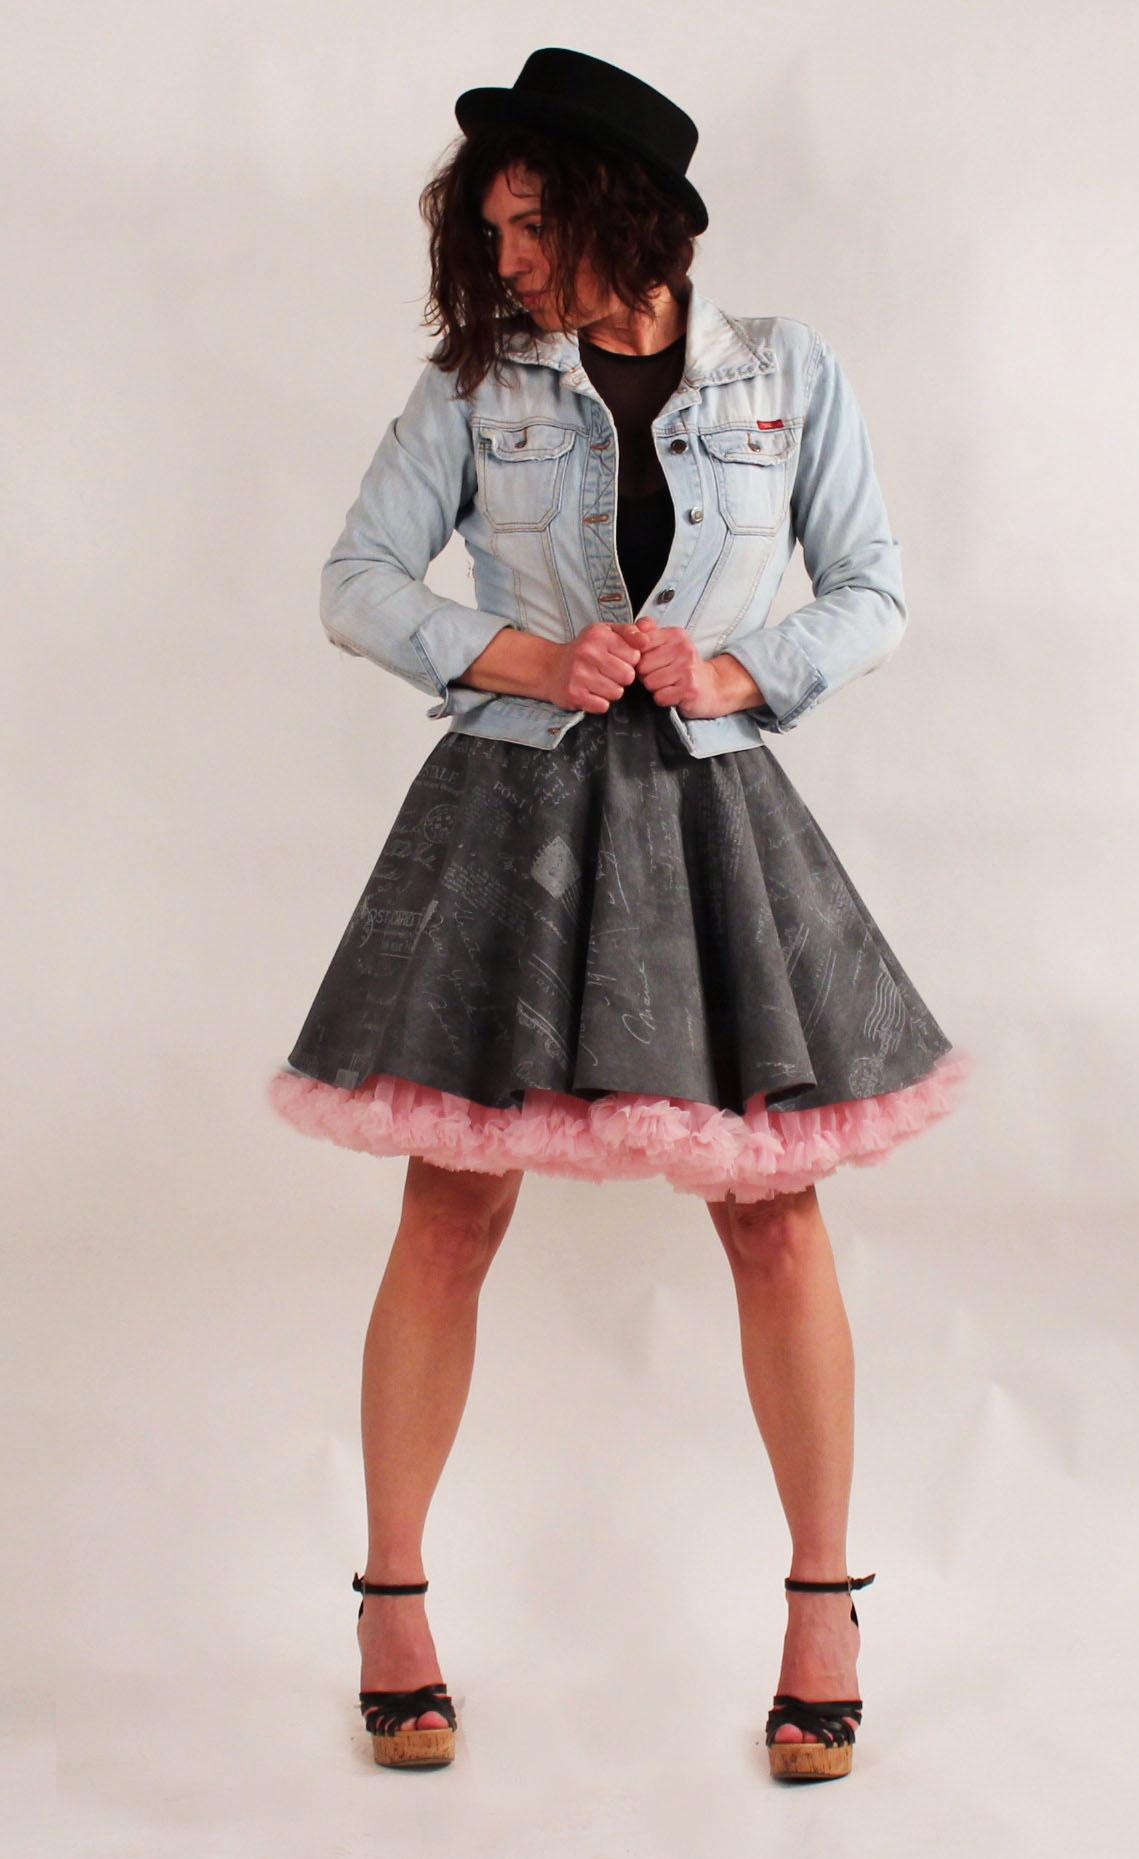 FuFu sukně vzor text + růžová spodnička   Zboží prodejce FuFu sukně ... 5689cf2838